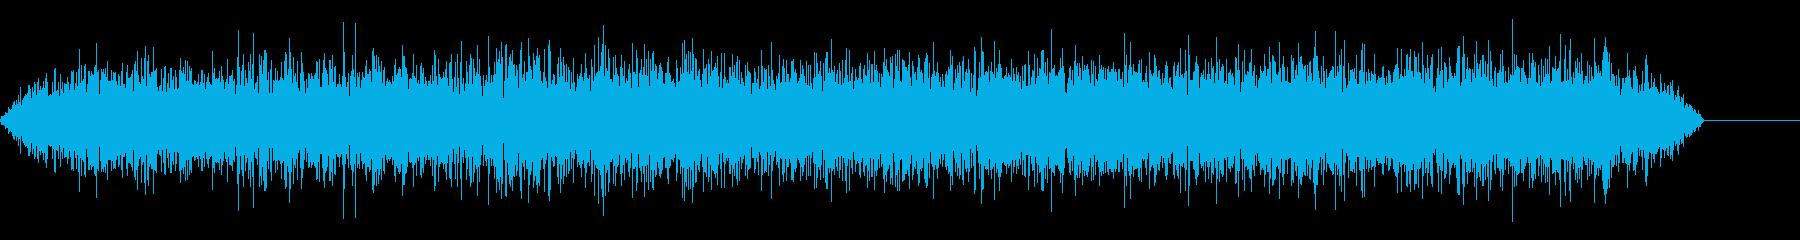 暗い風のバズの再生済みの波形